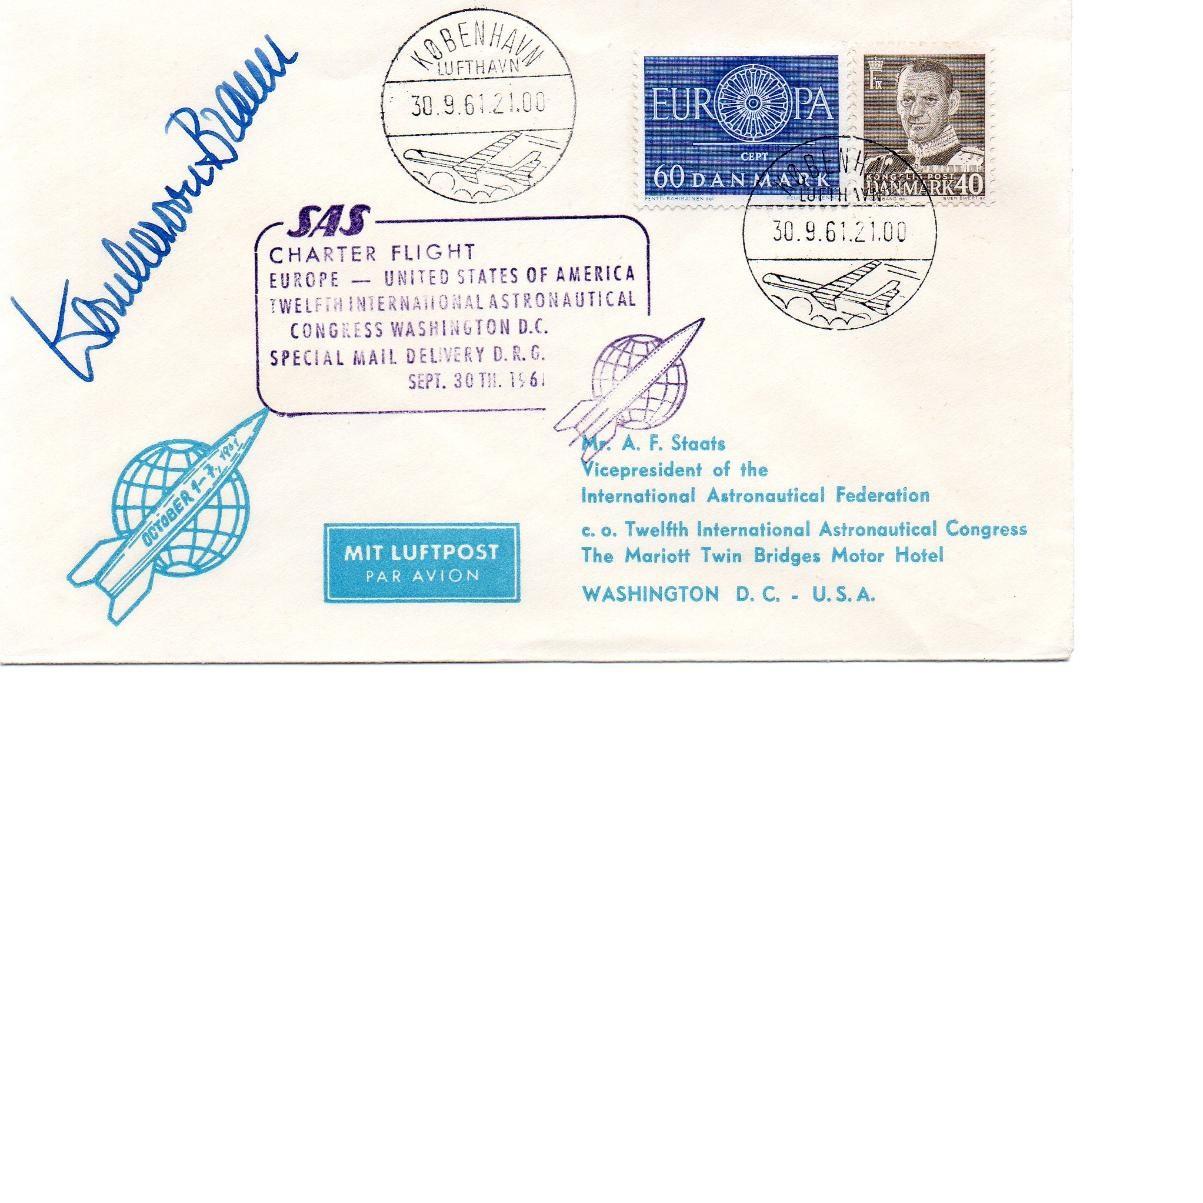 Lot 31 - Werner von Braun SAS Charter Flight 30 Sep 1961 Signed by Werner von Braun. German-American